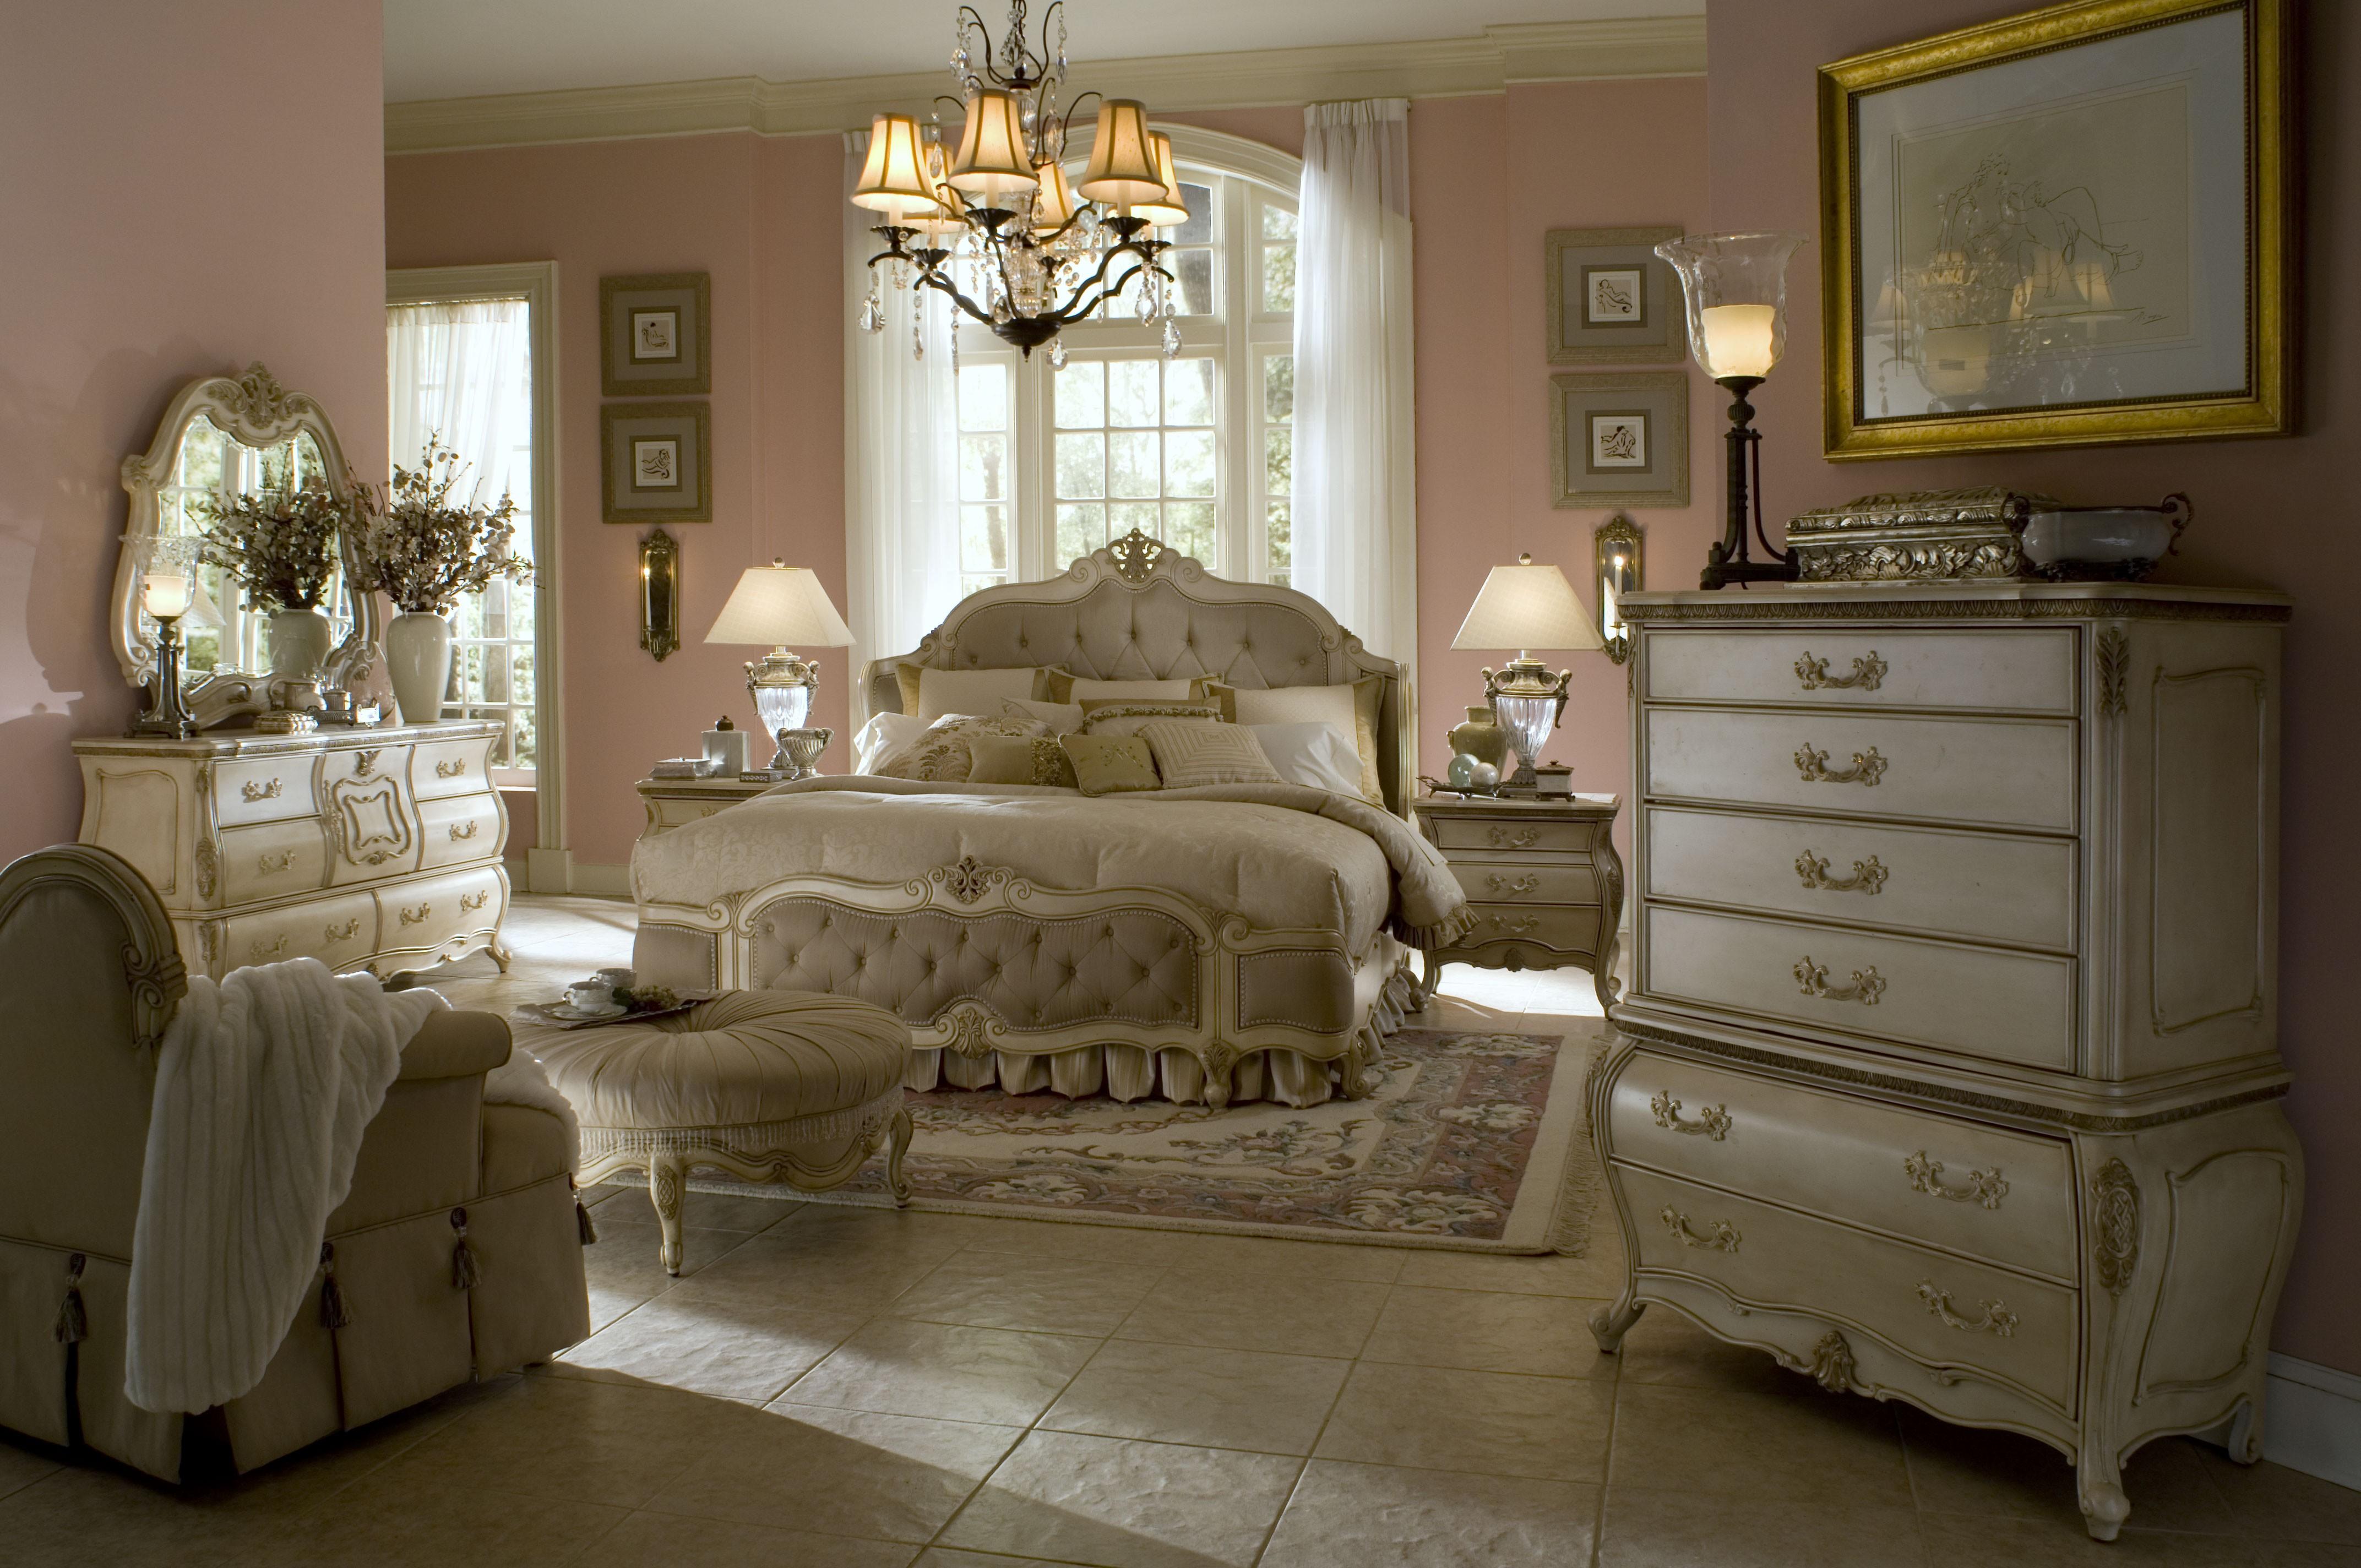 Кровать изголовьем к окну в классическом стиле